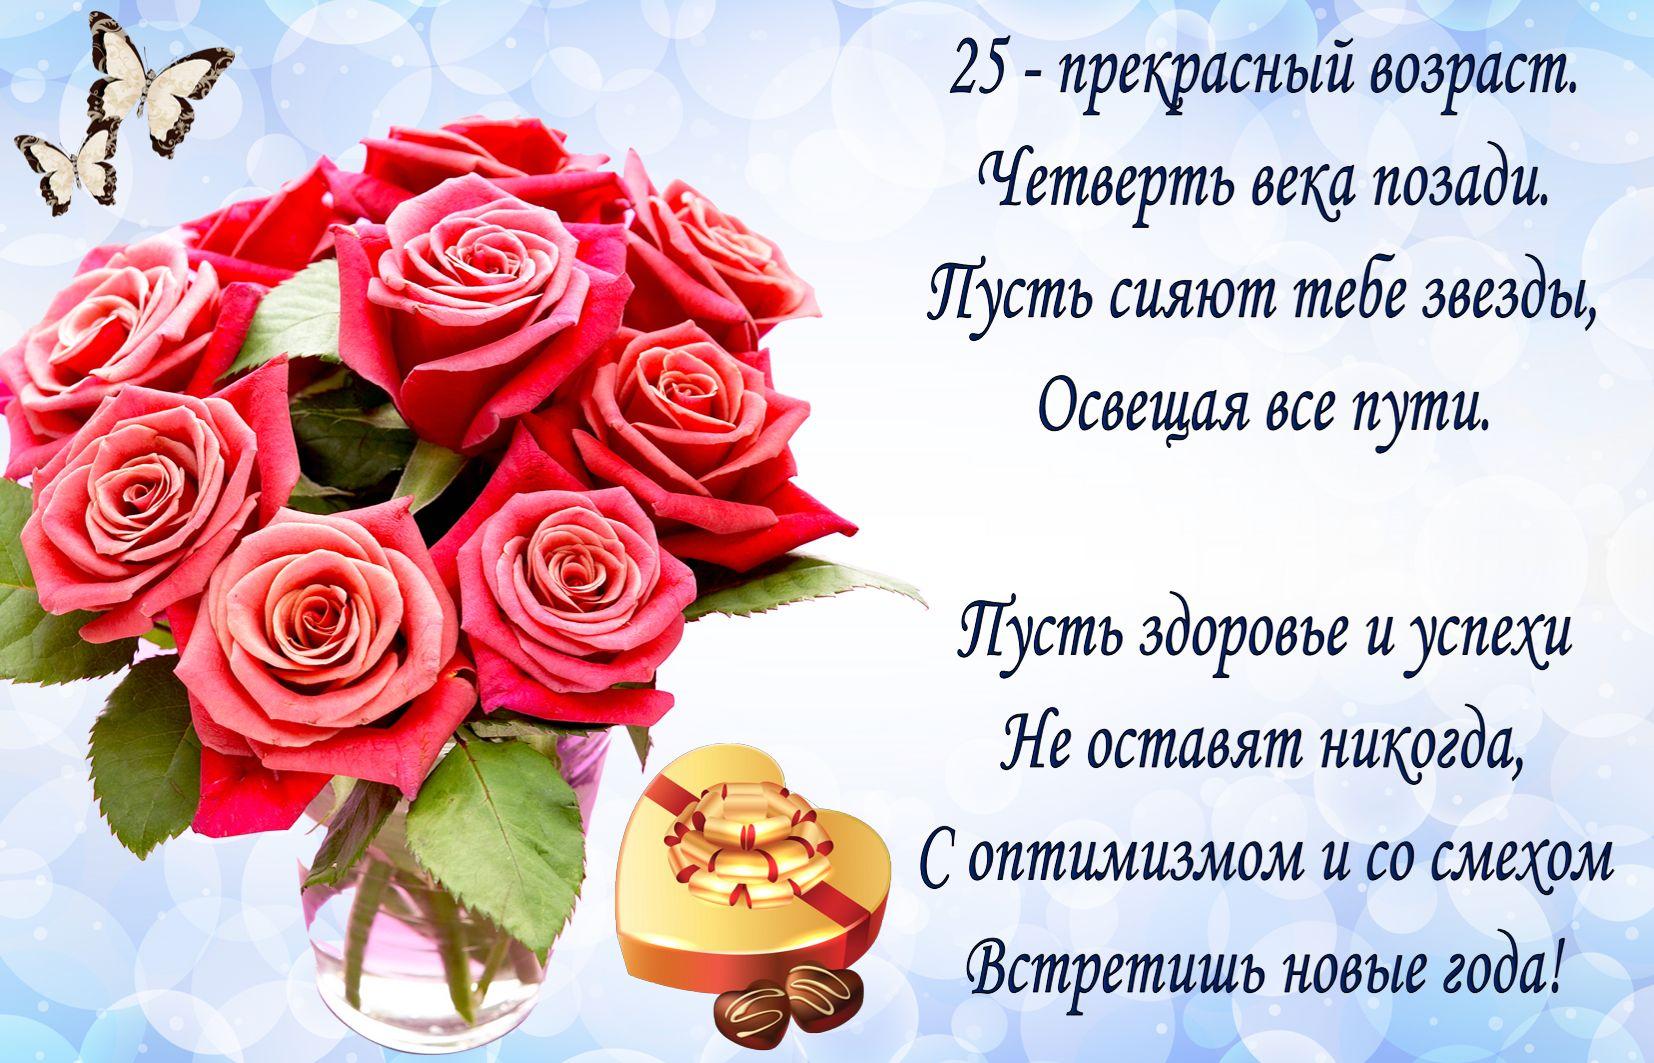 Красивая открытка, картинка с Днём рождения, с юбилеем на 25 лет. Пожелание с цветами на 25летие. Розы, бабочки. 25 лет - прекрасный возраст. Четверть века позади. Пусть сияют тебе звёзды, освещая все пути. Пусть здоровье и успехи не оставят никогда, с оптимизмом и со смехом встретишь новые года!